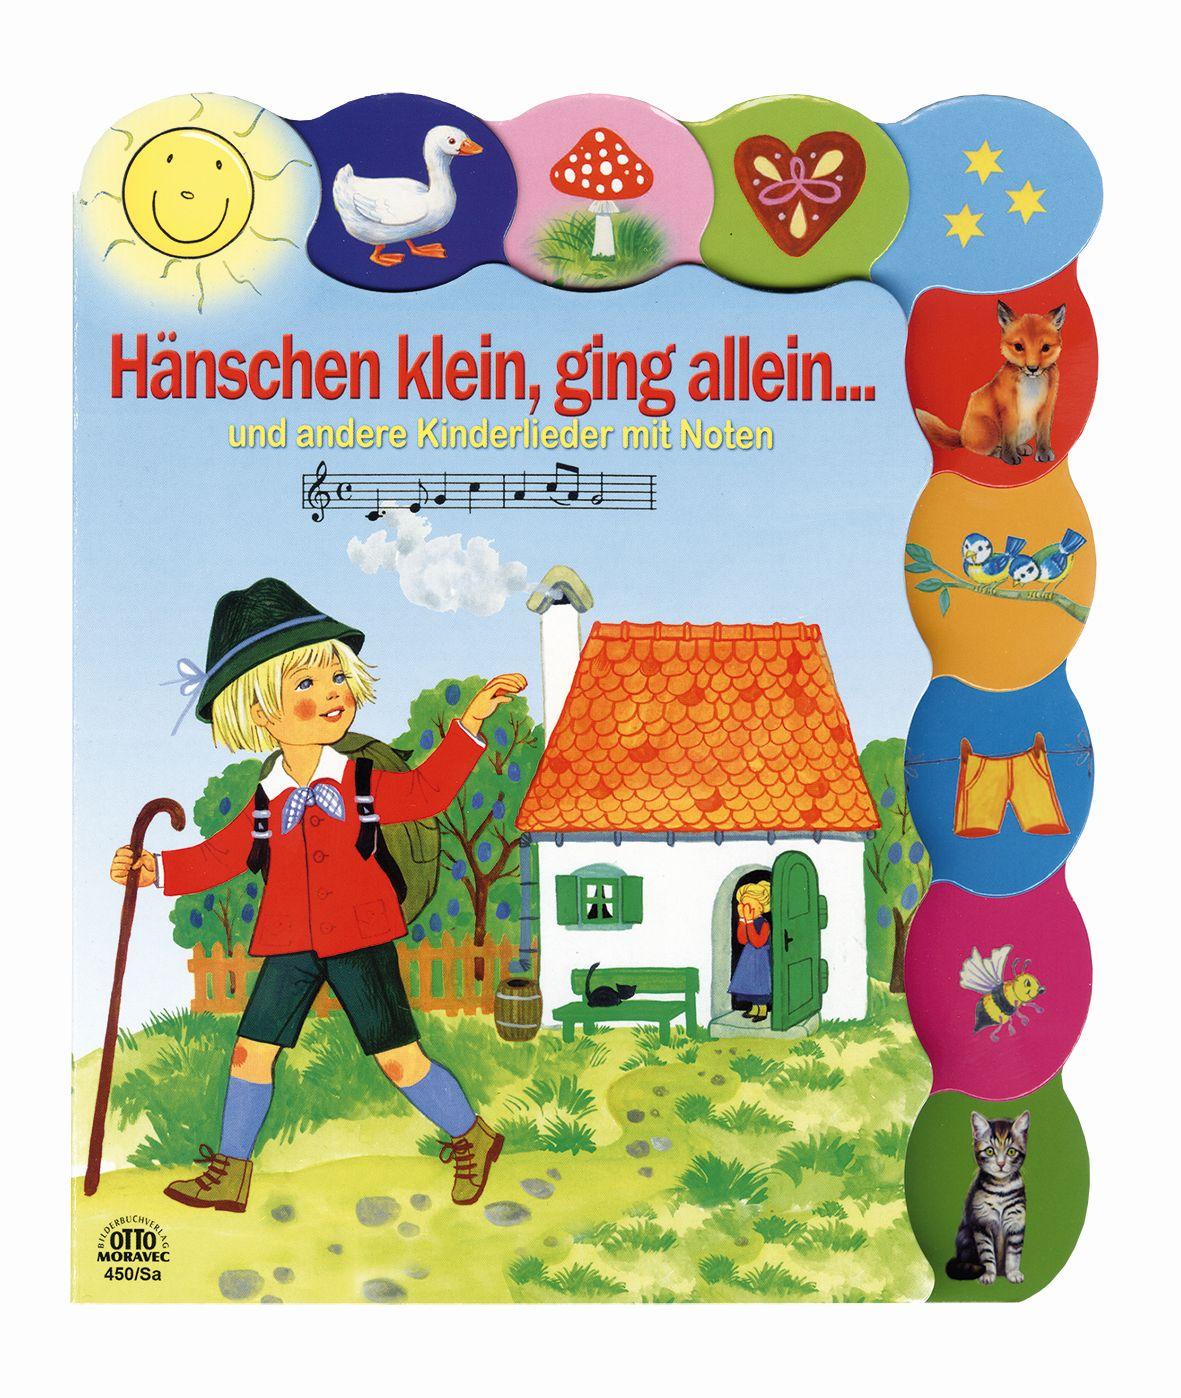 Haenschen-klein-ging-allein-Bilderbuchverlag-Otto-Moravec-9783961118847